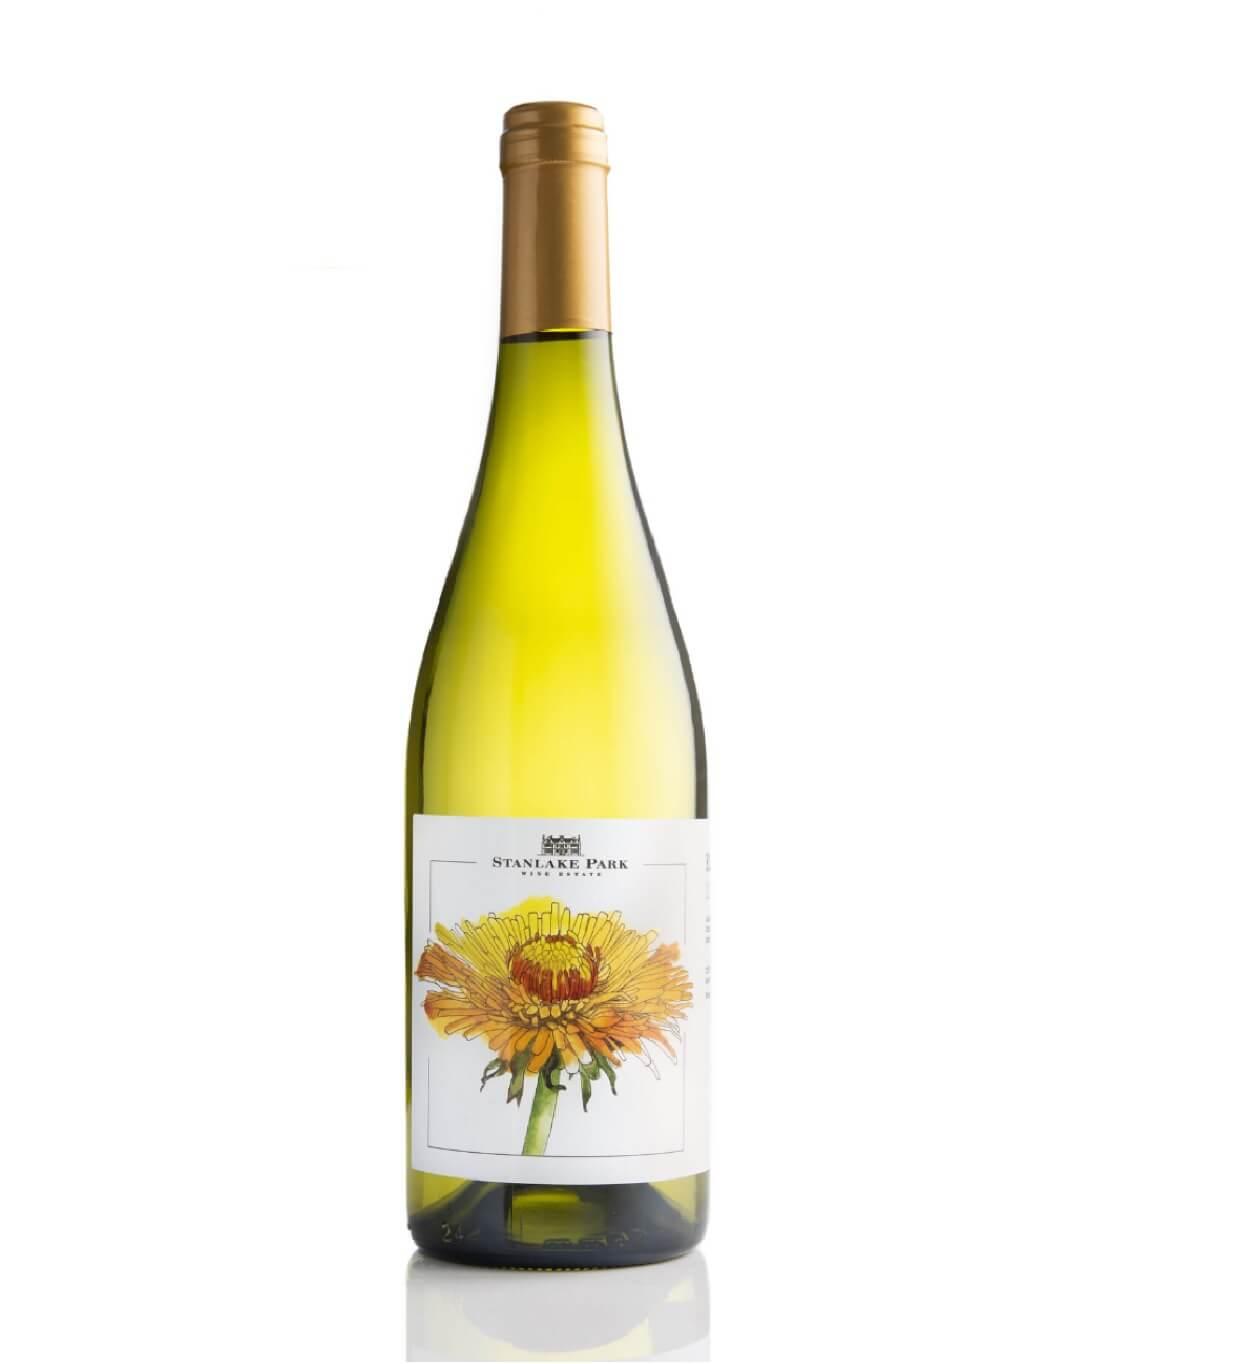 Stanlake Park Kings Fumé 2015 English White Wine